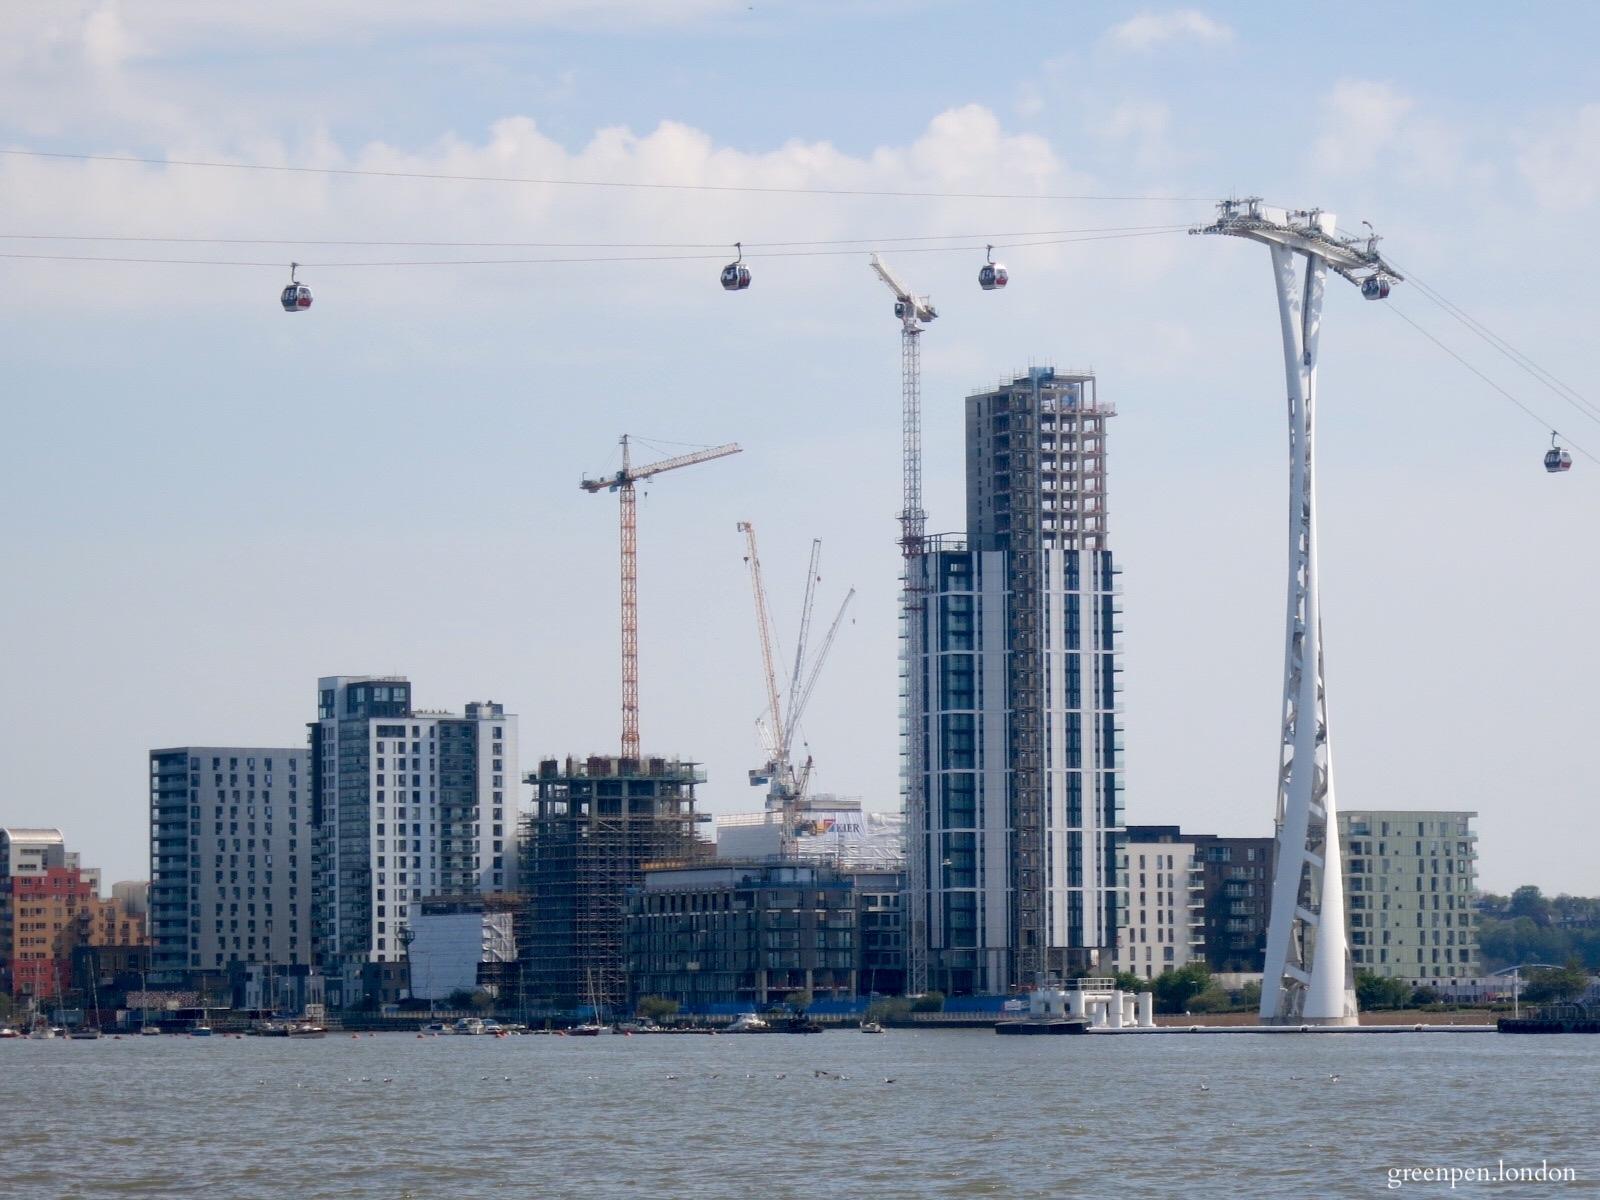 Developments on the Lower Riverside of Greenwich Peninsula - May 2016 [greenpenlondon]